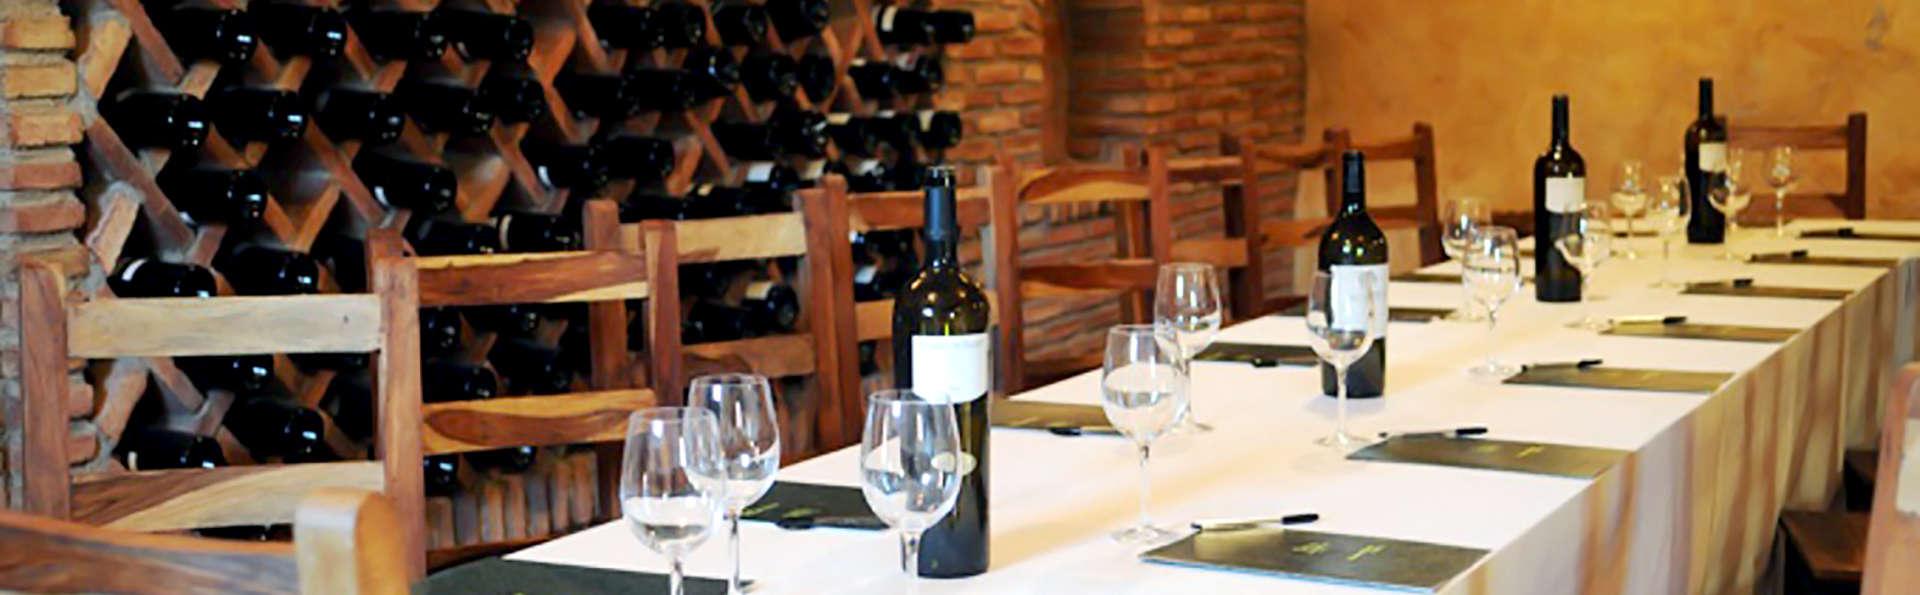 Séjournez entre Pratdip et Tivissa en Catalogne, avec dîner et spa (à partir de 2 nuits)